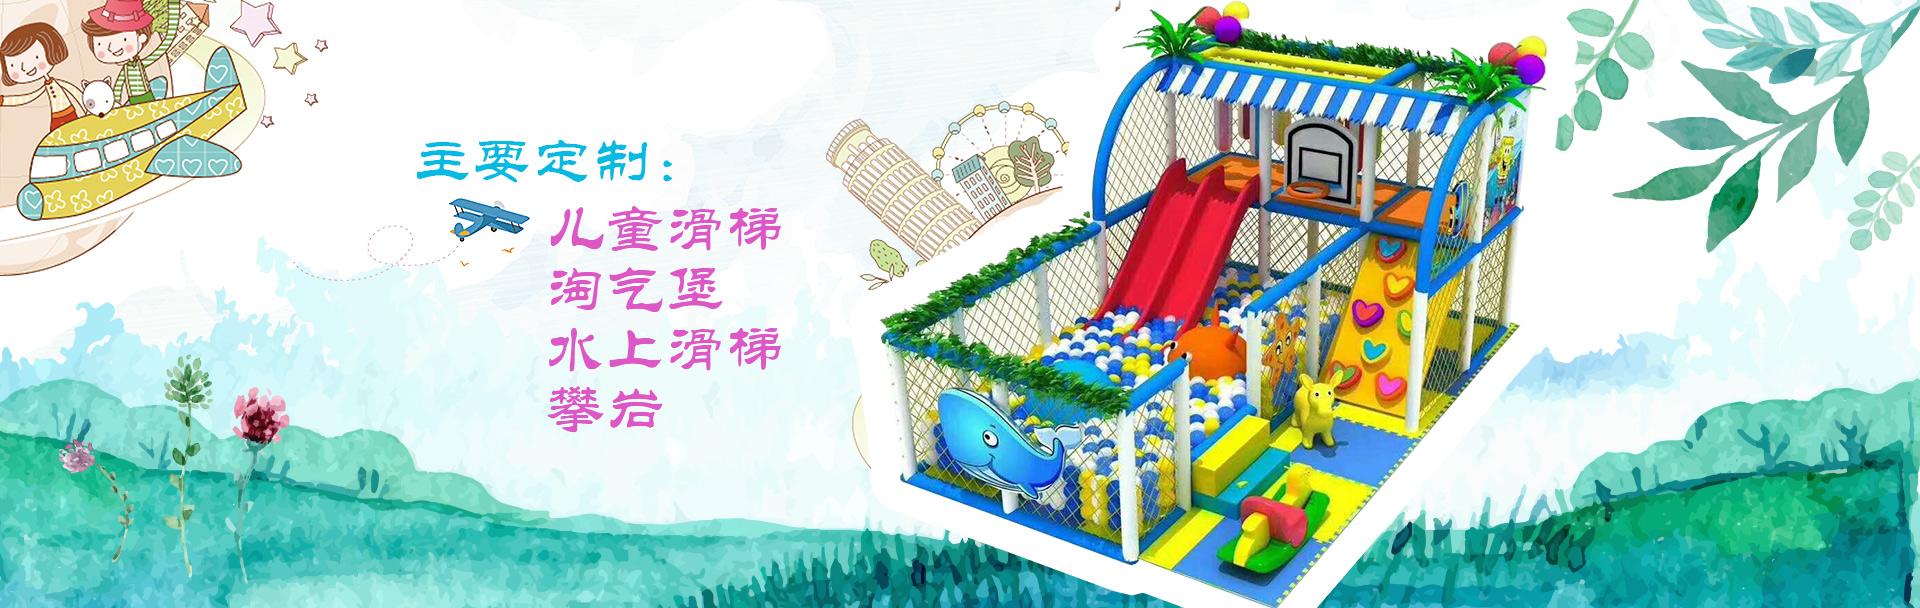 重庆淘气堡设备厂家